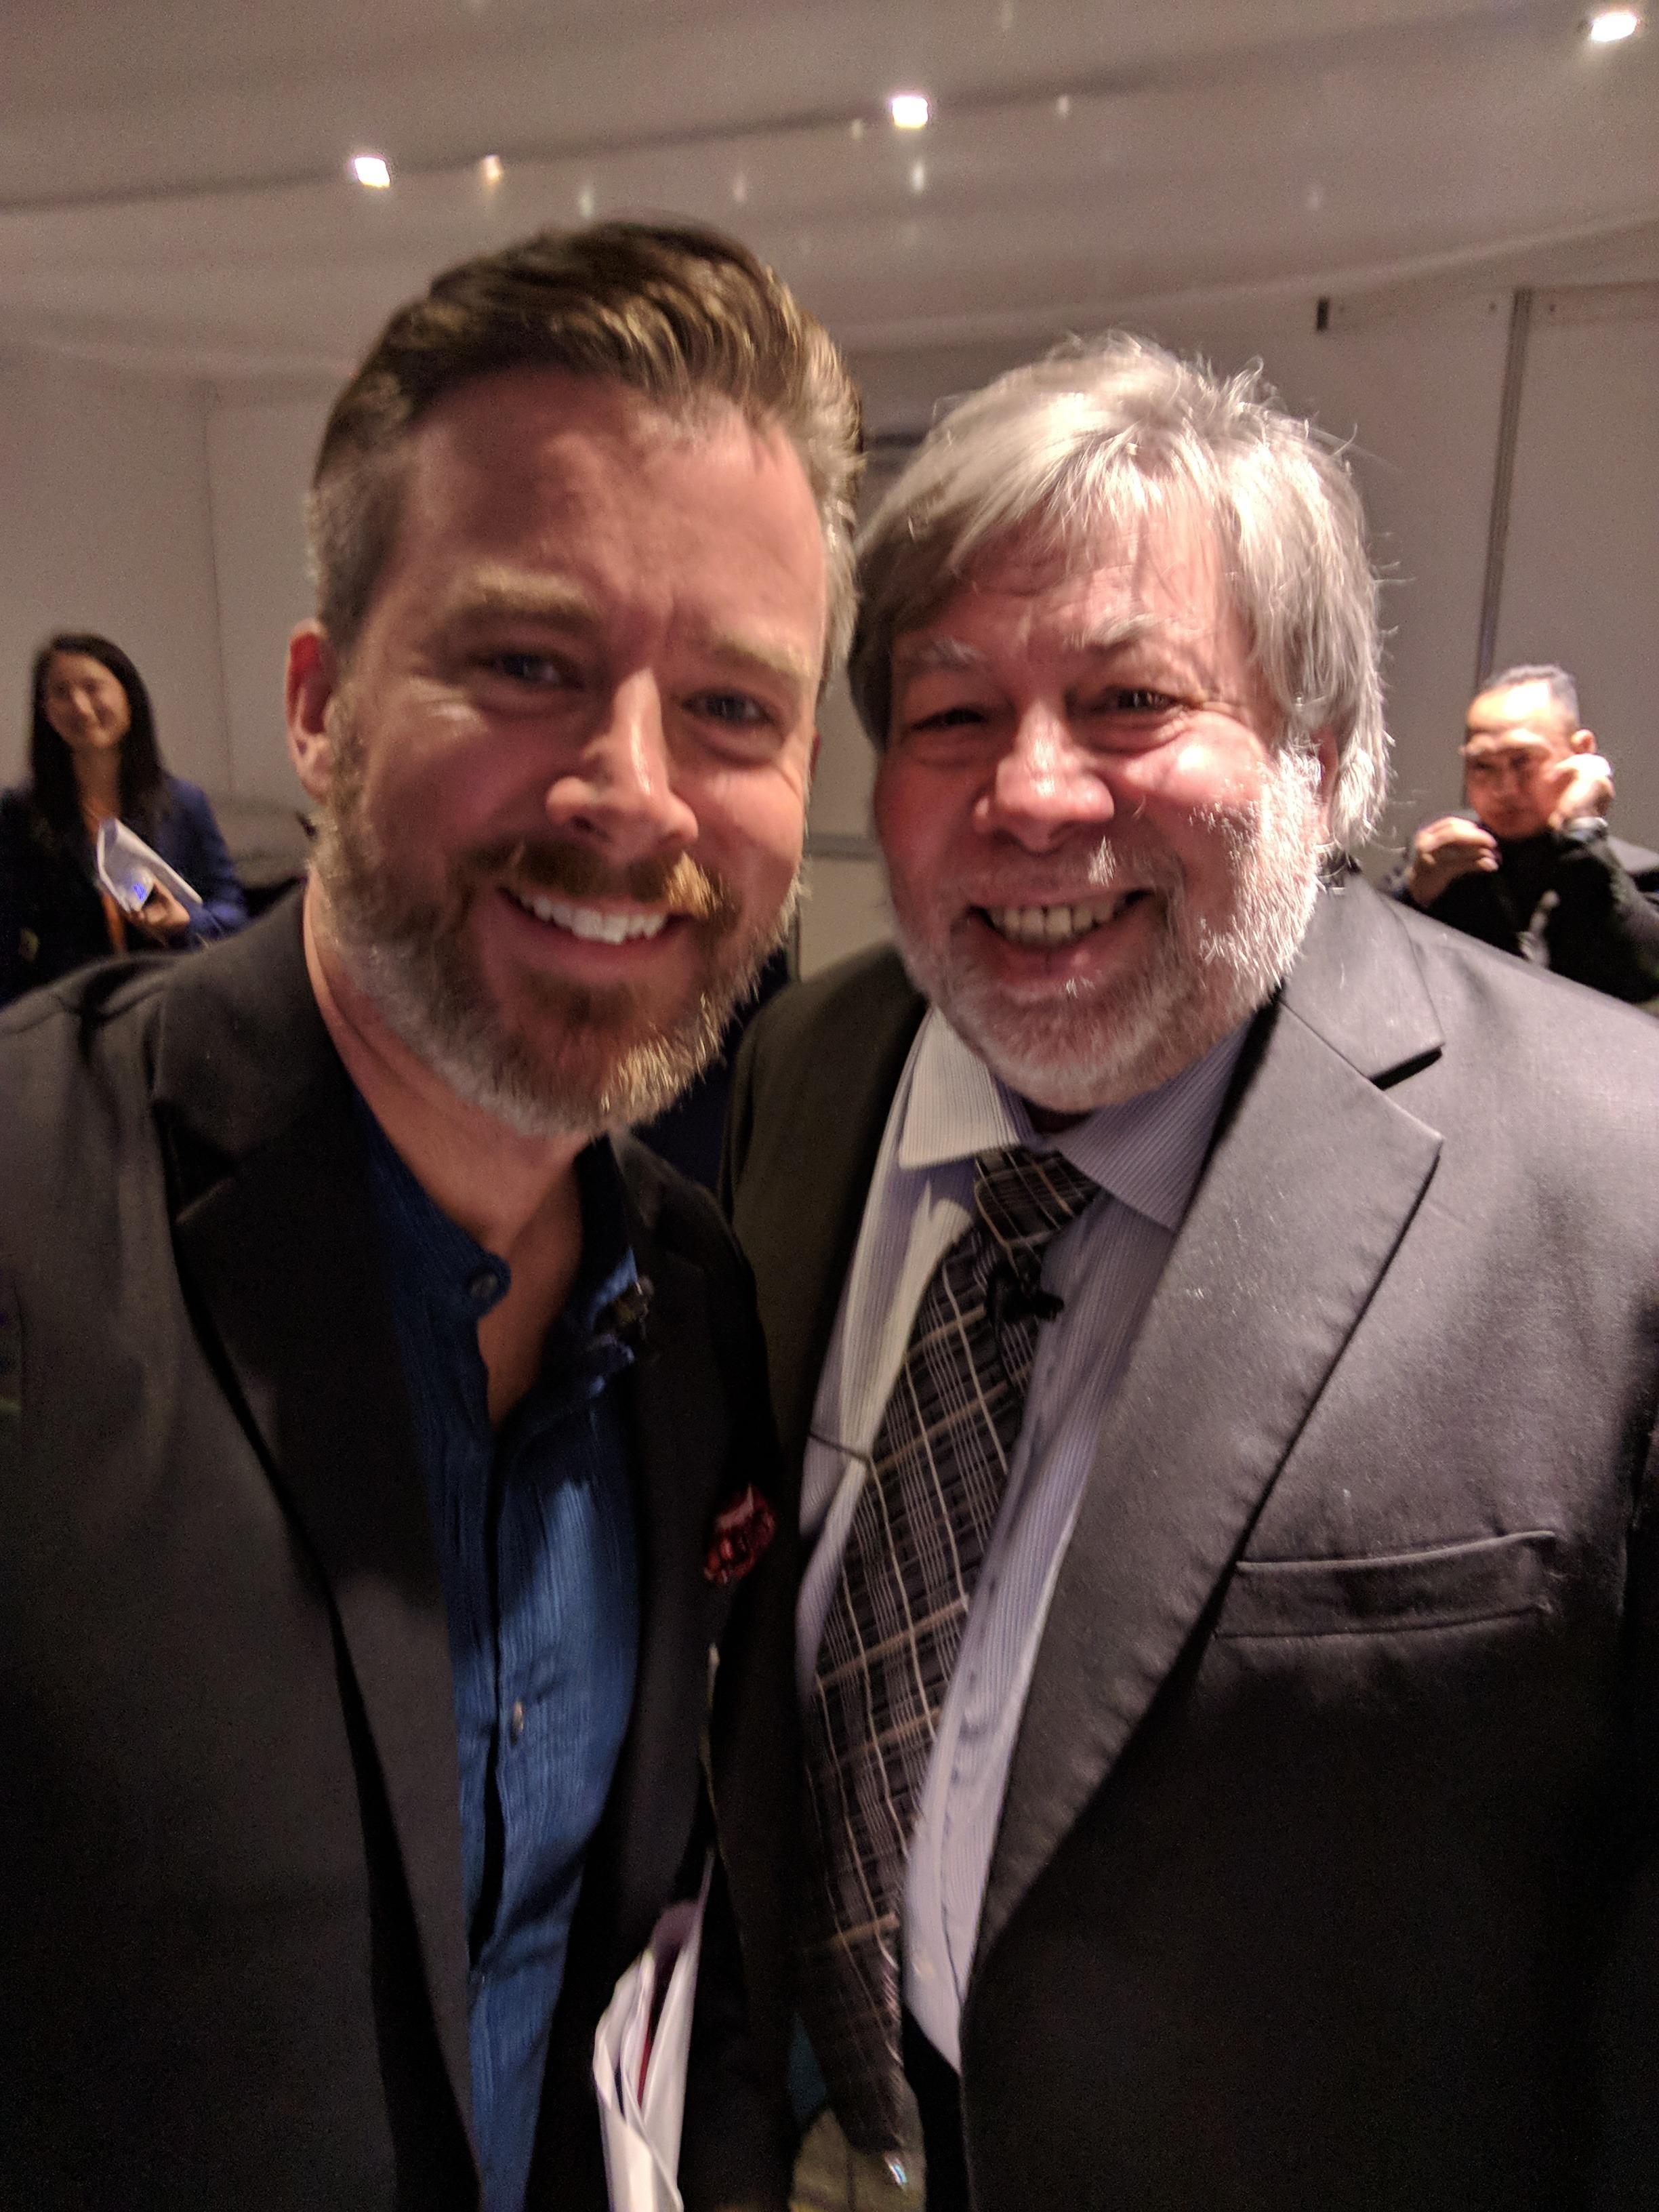 Daniel Sieberg with Steve Wozniak